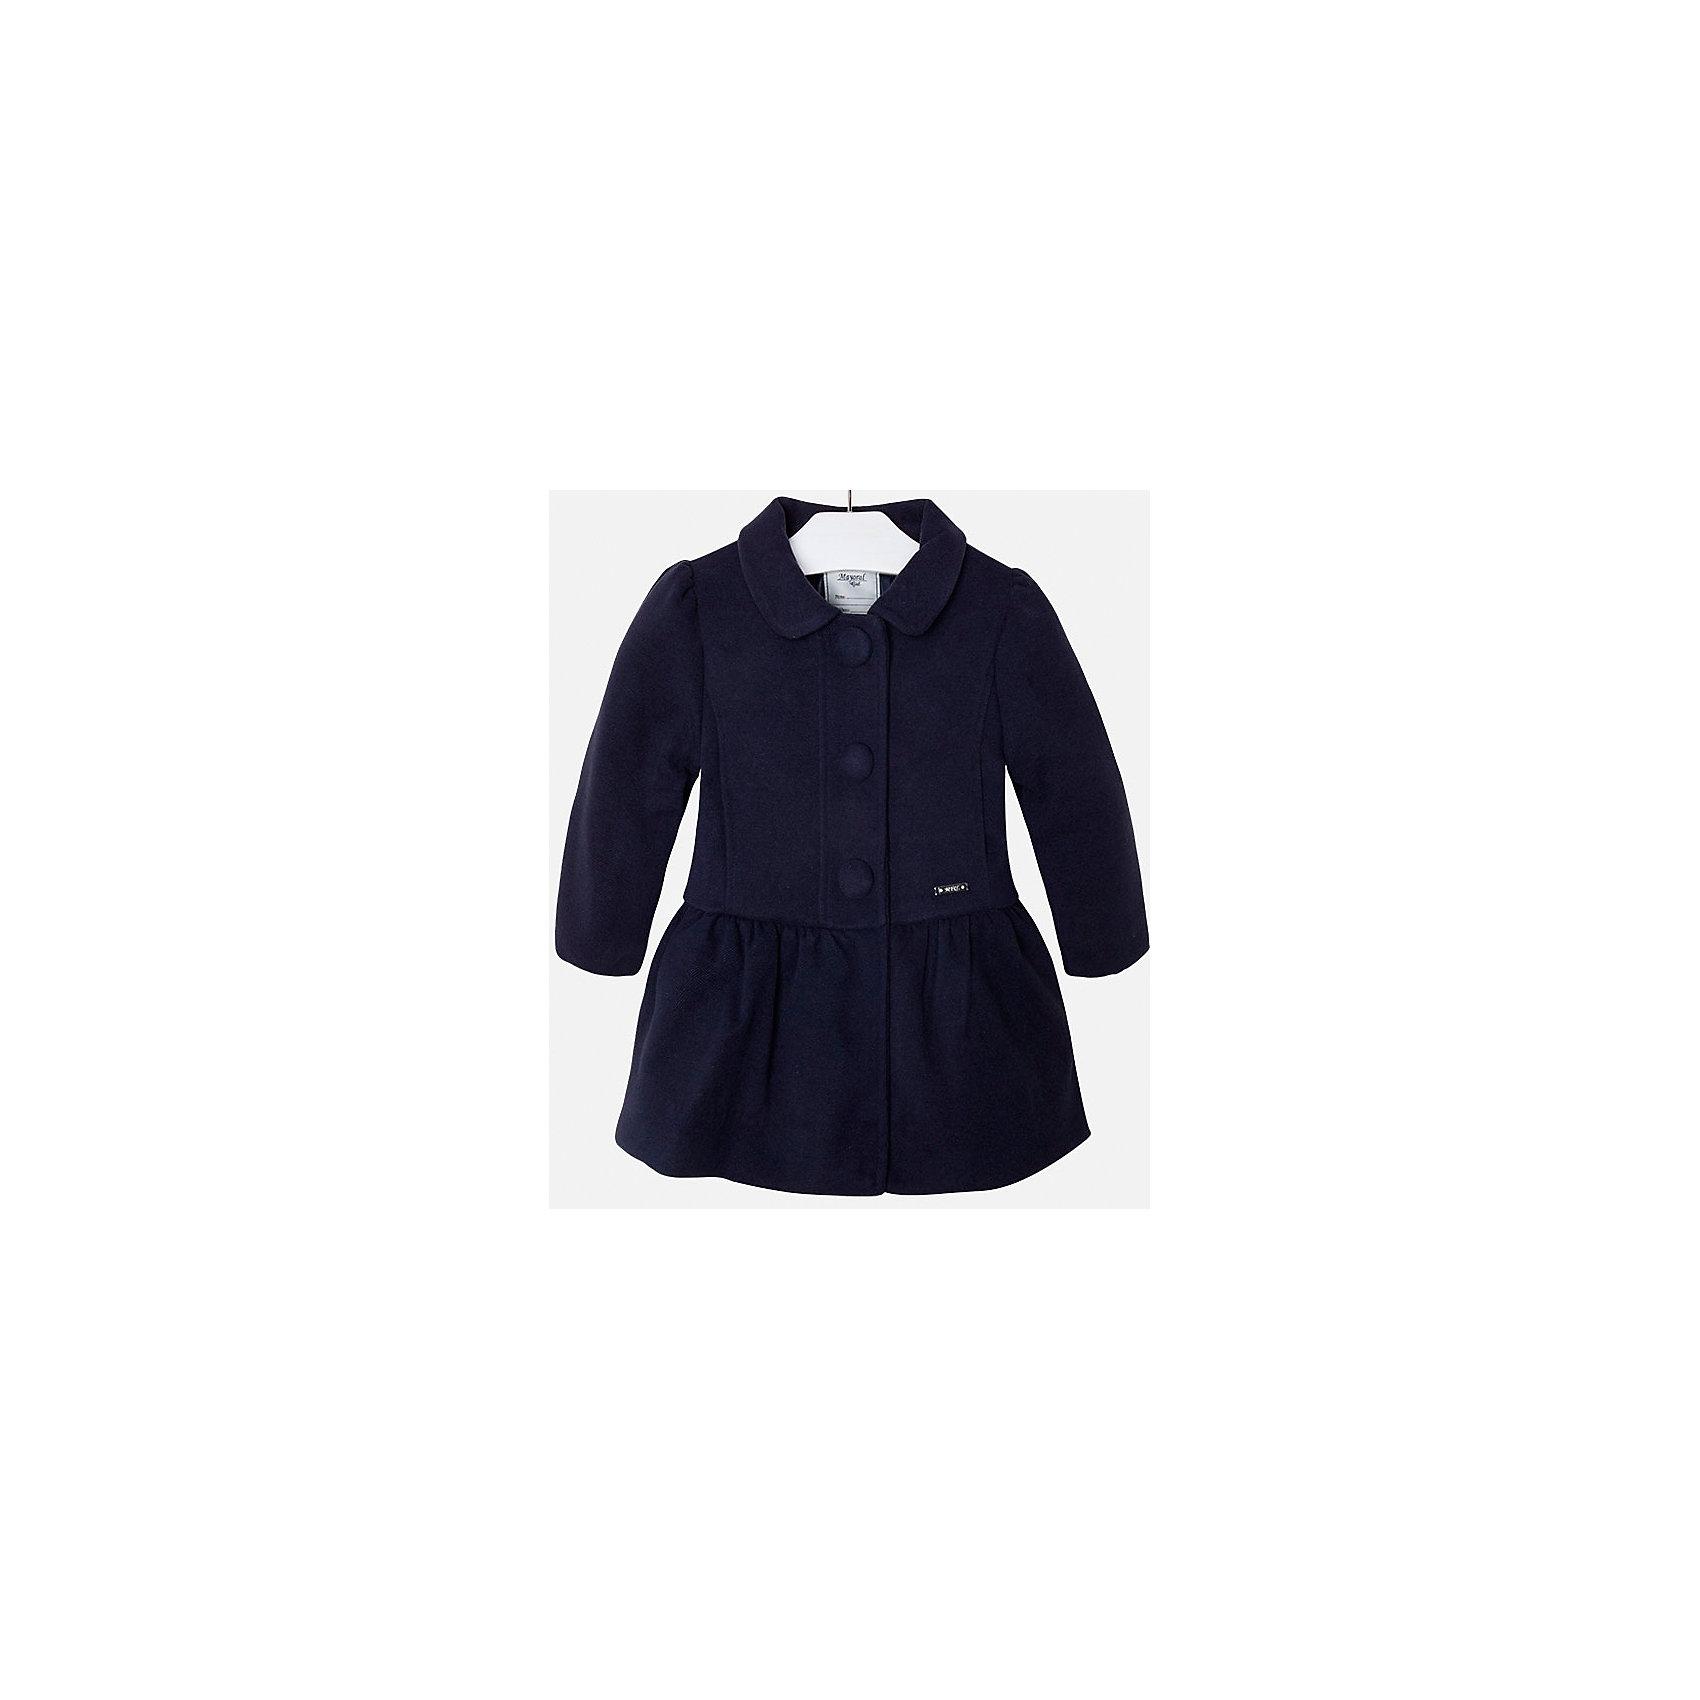 Пальто для девочки MayoralВерхняя одежда<br>Пальто для девочки из коллекции осень-зима 2016-2017 известного испанского бренда Mayoral (Майорал). Стильное и удобное темно-синее пальто классического покроя. Приталенный силуэт, откидной воротничок и модные крупные пуговки придутся по вкусу вашей моднице. Пальто застегивается на молнию и содержит синтепон как утеплитель, карманы отсутствуют. Пальто имеет качественный крой и маленькую пластинку с наименованием бренда на лицевой стороне спереди.<br><br>Дополнительная информация:<br>- Длина: удлиненная <br>- Силуэт: приталенный; прямой <br>- Утеплитель: синтепон<br>Состав: полиэстер 90%,вискоза 8%,эластан 2%<br><br>Пальто для девочки Mayoral (Майорал) можно купить в нашем интернет-магазине.<br><br>Подробнее:<br>• Для детей в возрасте: от 5 до 12 лет<br>• Номер товара: 4843787 <br>Страна производитель: Китай<br><br>Ширина мм: 356<br>Глубина мм: 10<br>Высота мм: 245<br>Вес г: 519<br>Цвет: синий<br>Возраст от месяцев: 36<br>Возраст до месяцев: 48<br>Пол: Женский<br>Возраст: Детский<br>Размер: 104,122,128,134,98,116,110<br>SKU: 4843834